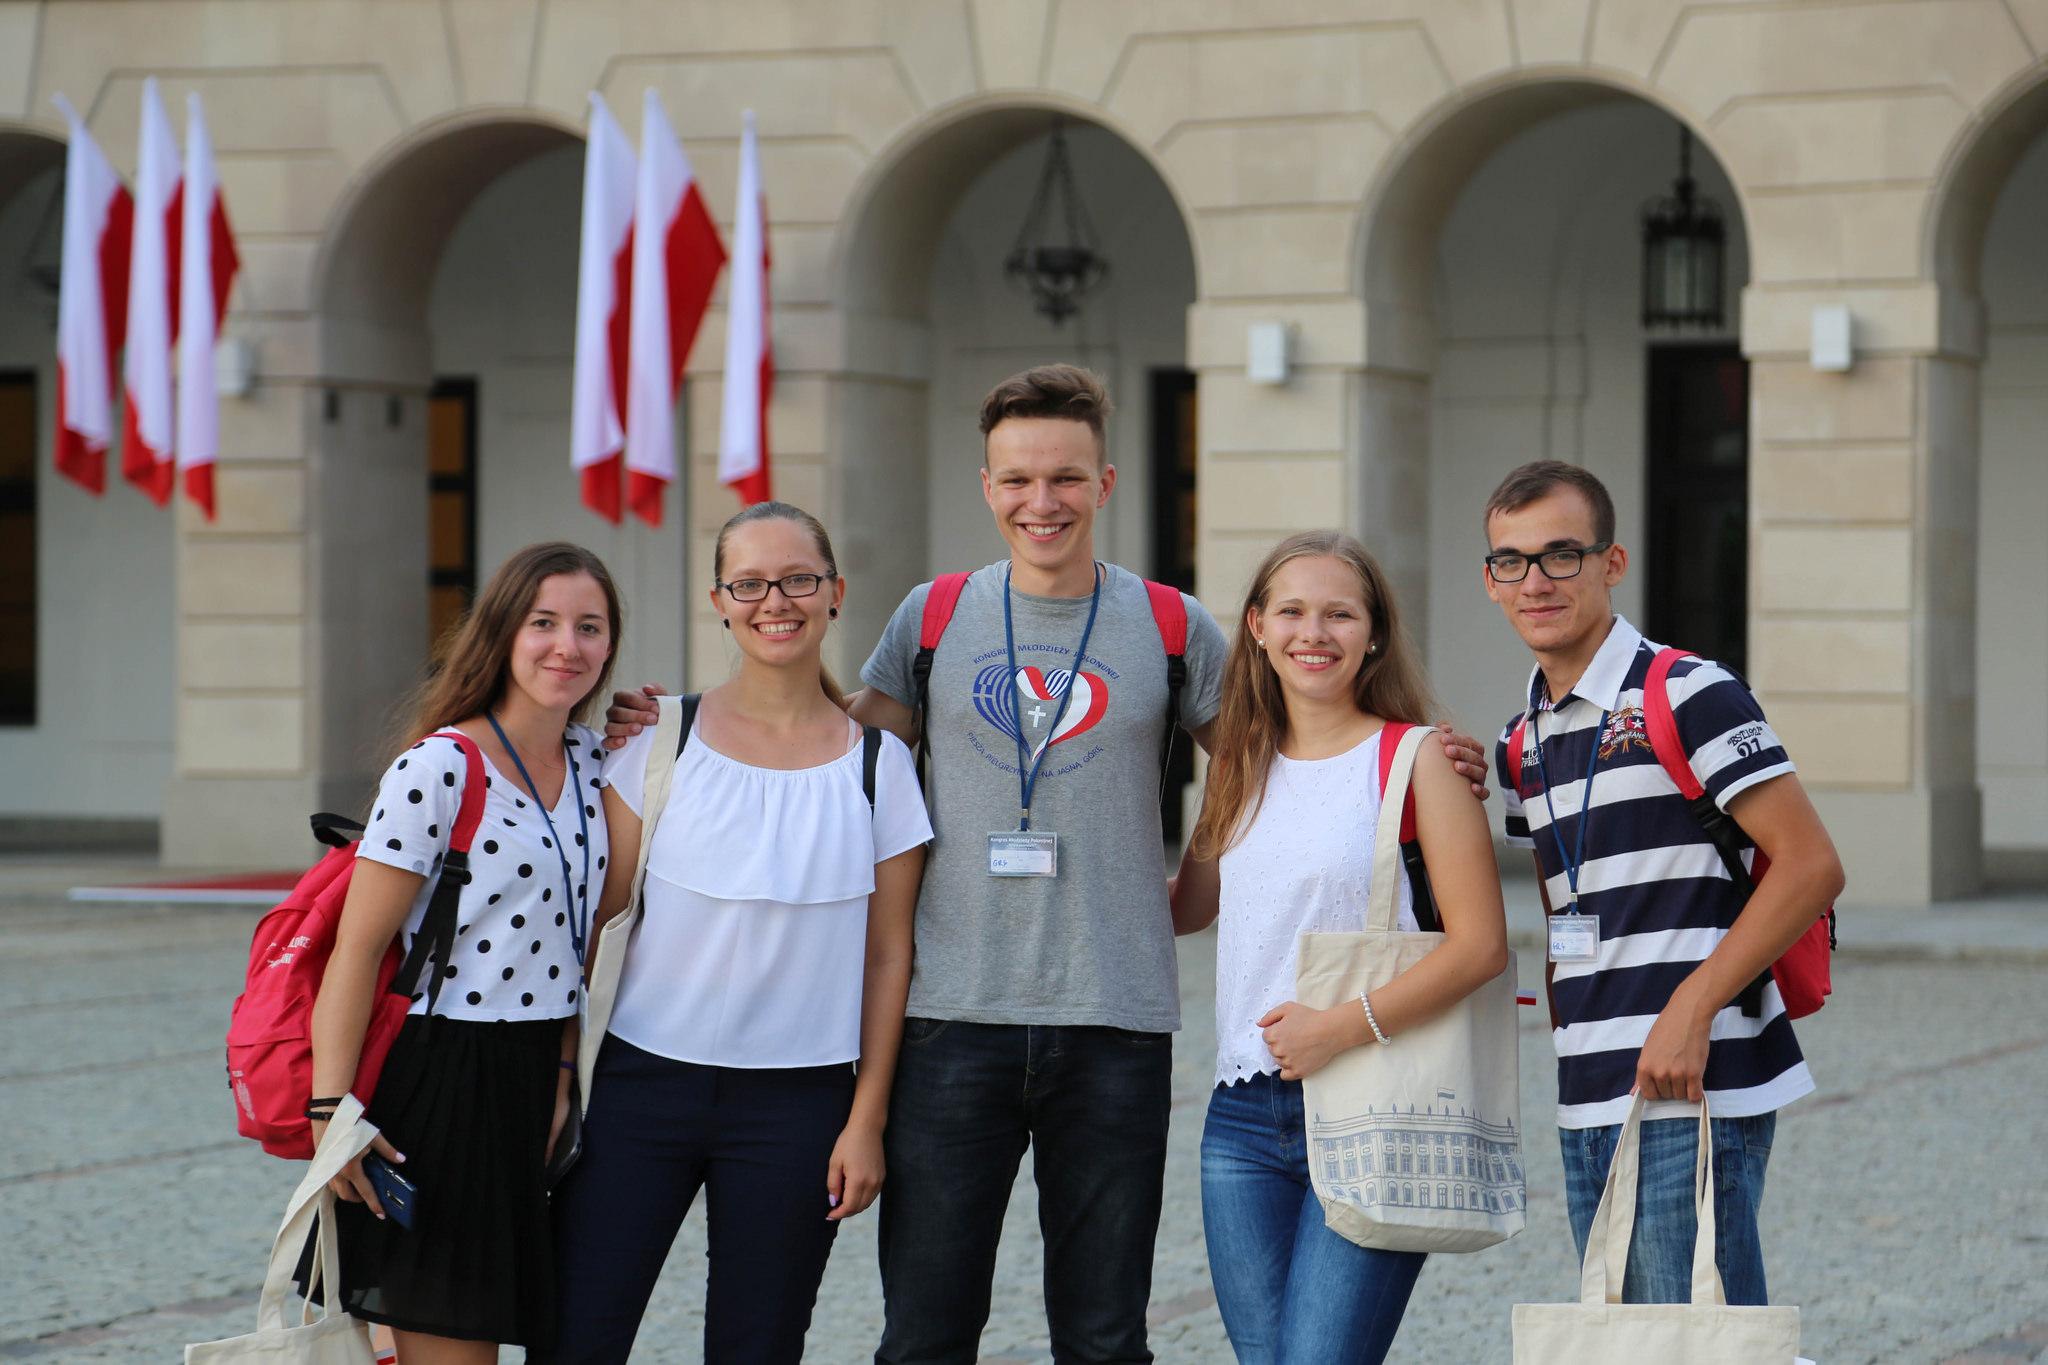 Taki był II Kongres Młodzieży Polonijnej